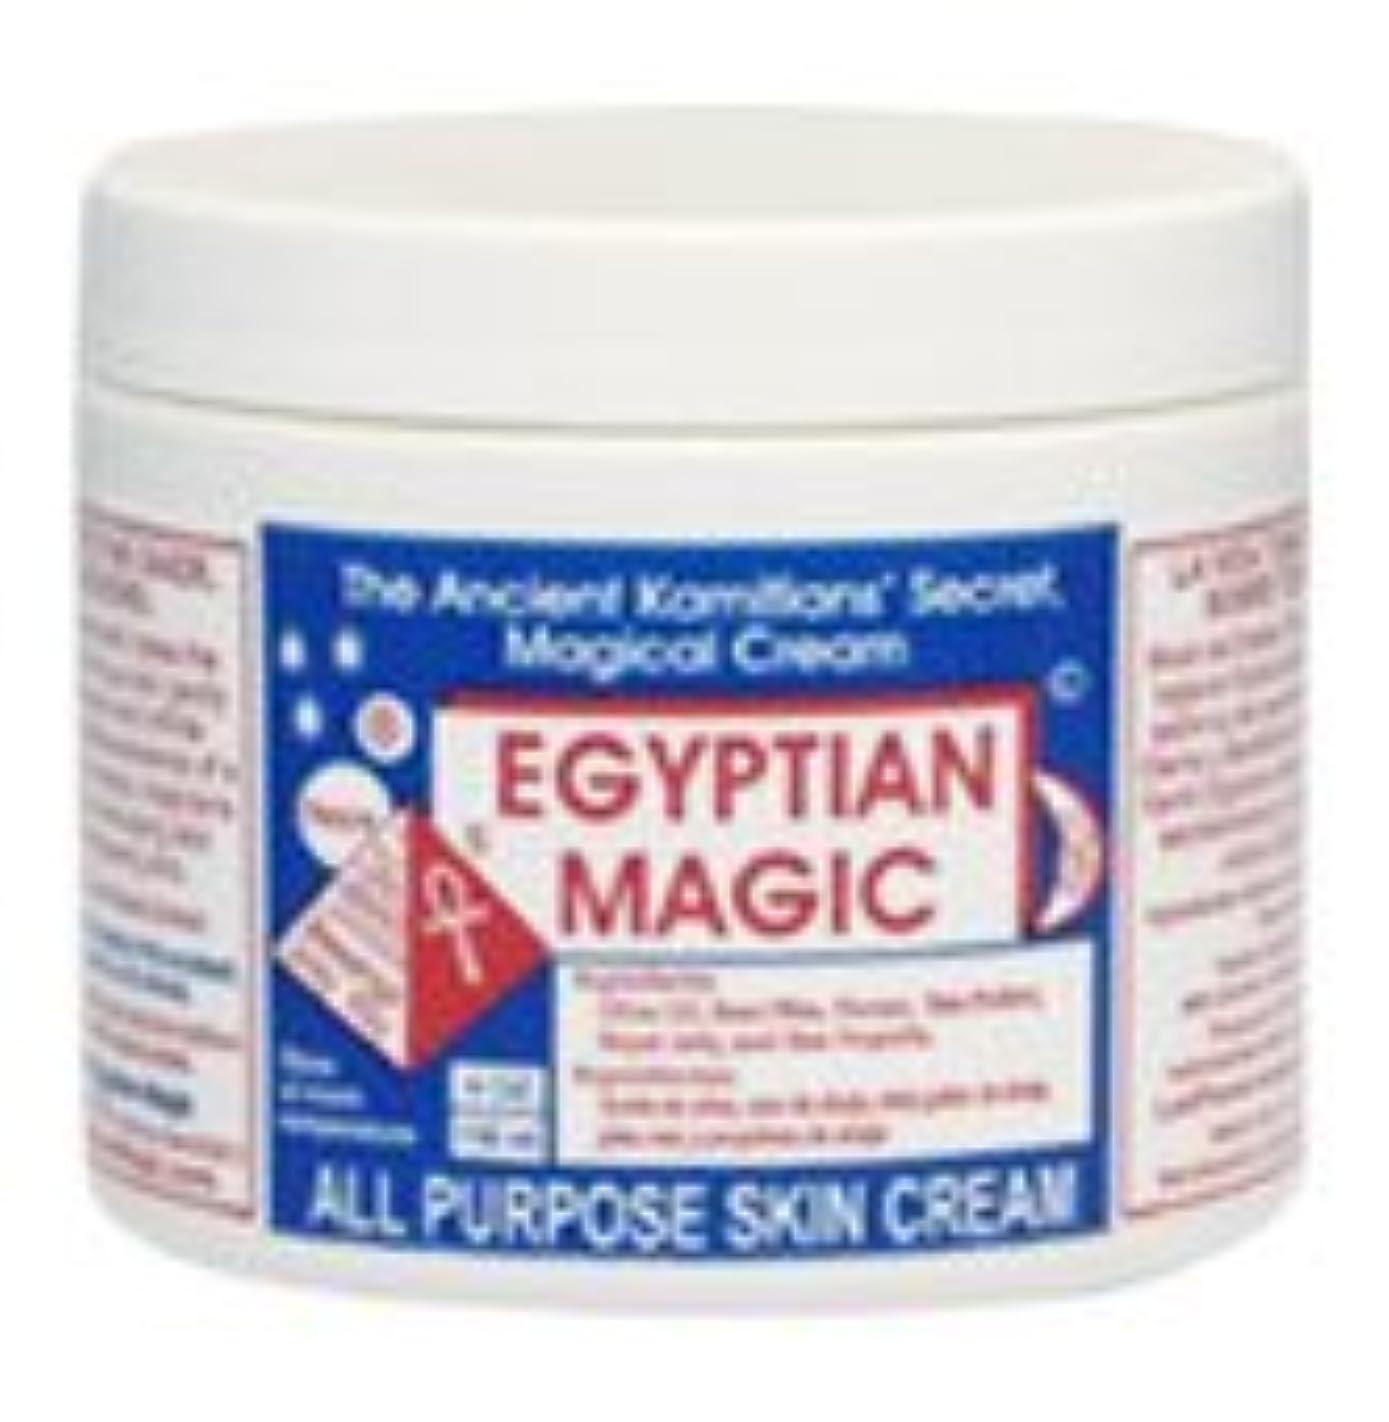 ドループジャンプそこから【EGYPTIAN Magic(エジプシャン マジック)】 EGYPTIAN MAGIC CREAM マジック クリーム 118ml